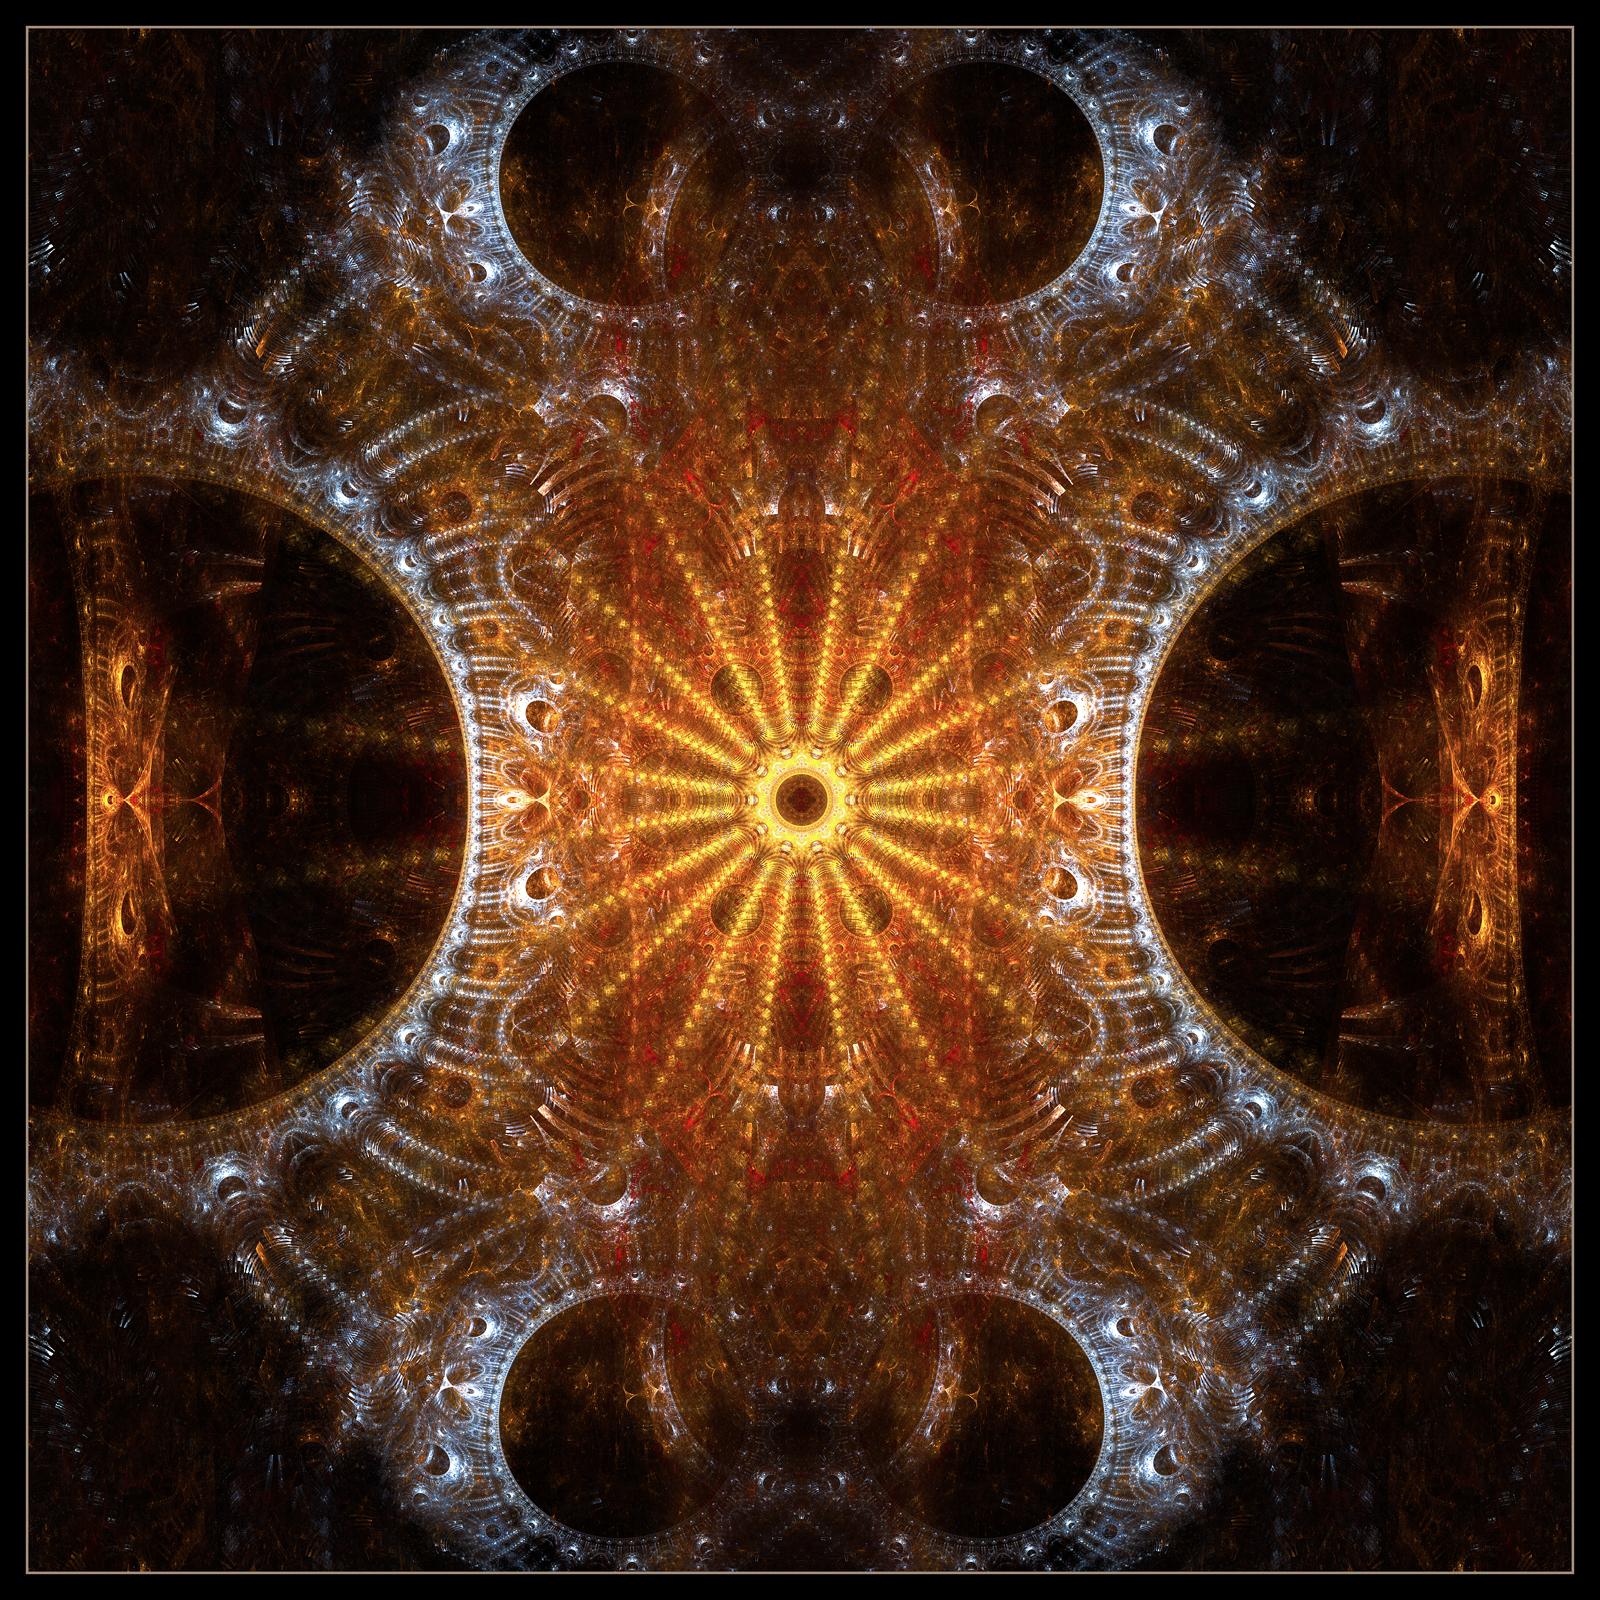 Cathode by pondcypress